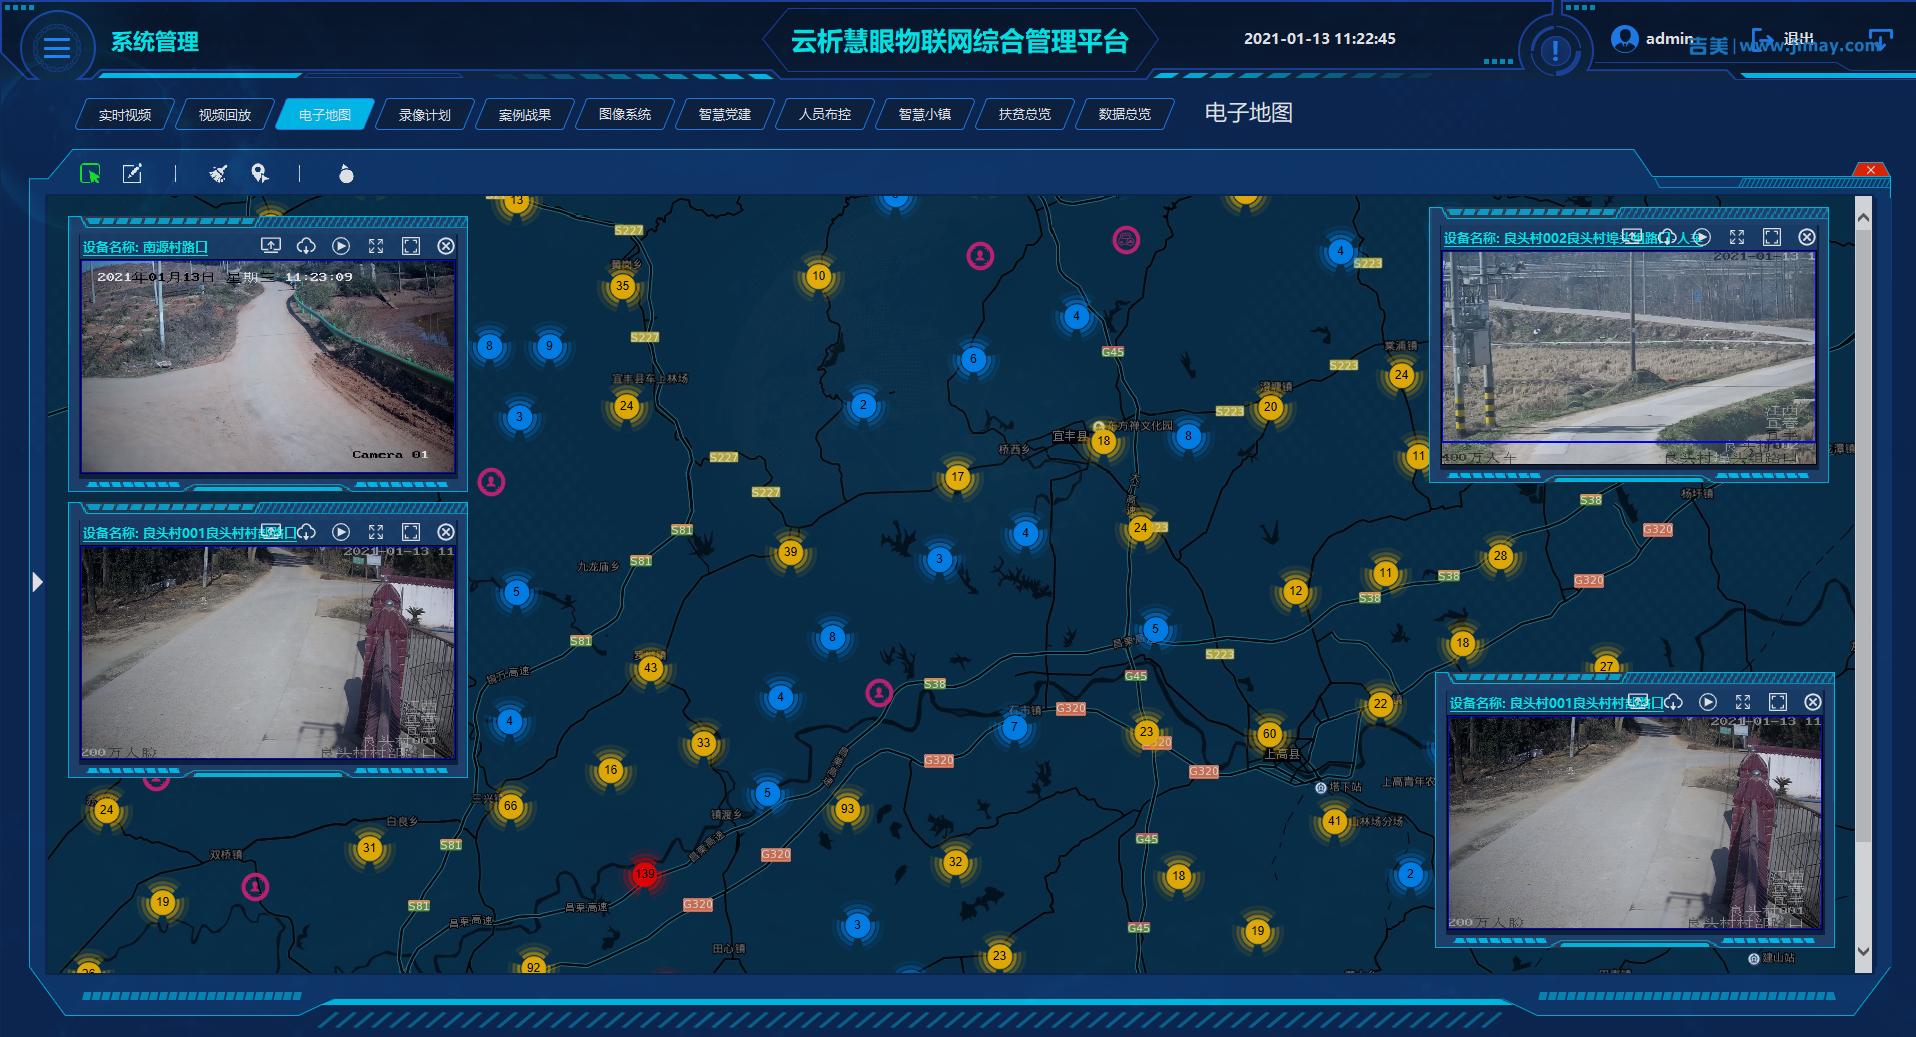 安防视频监控系统平台电子地图